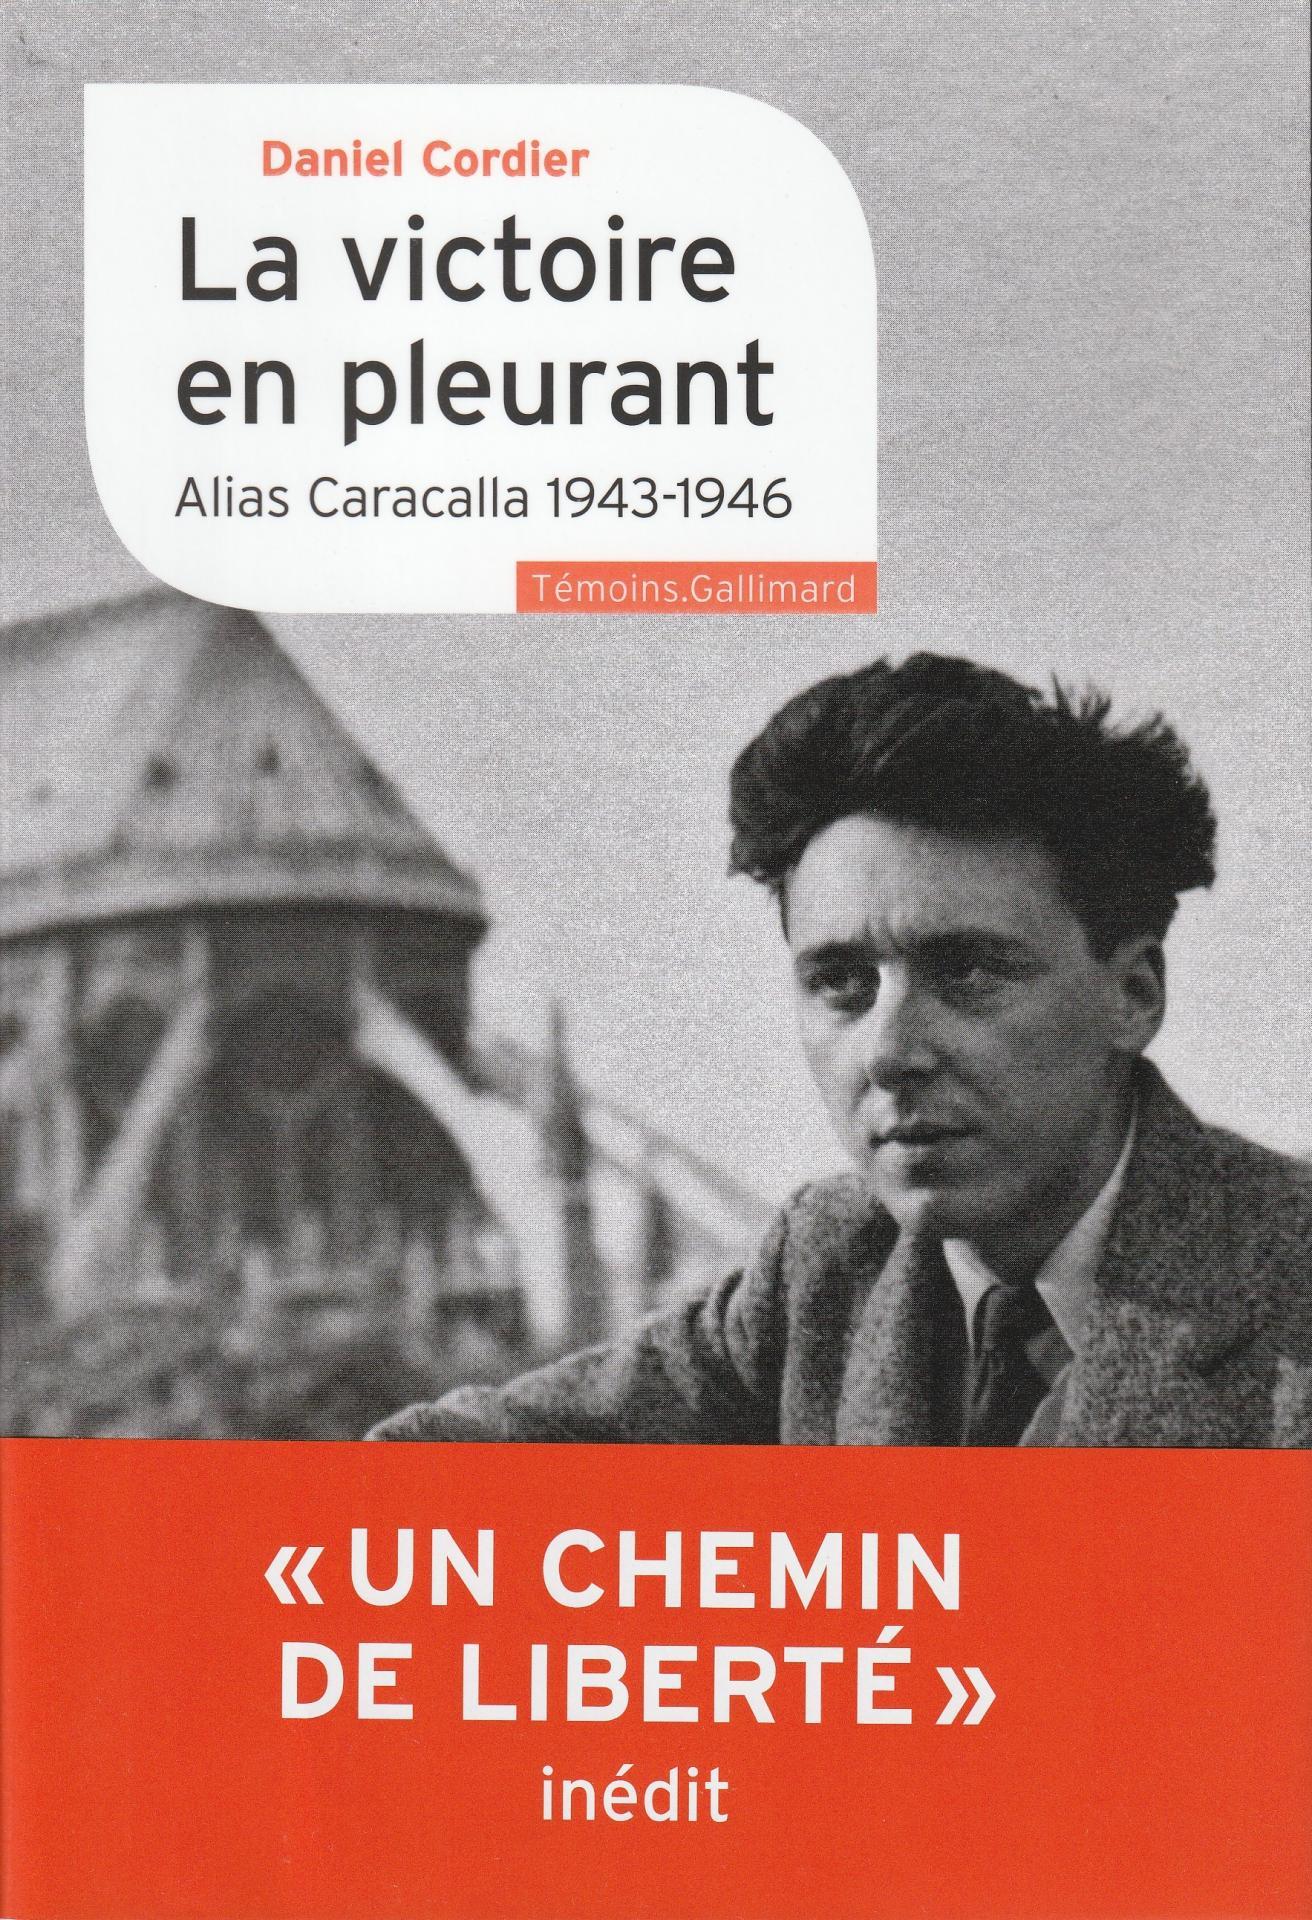 25 août, hommage à Daniel Cordier et Jean Moulin